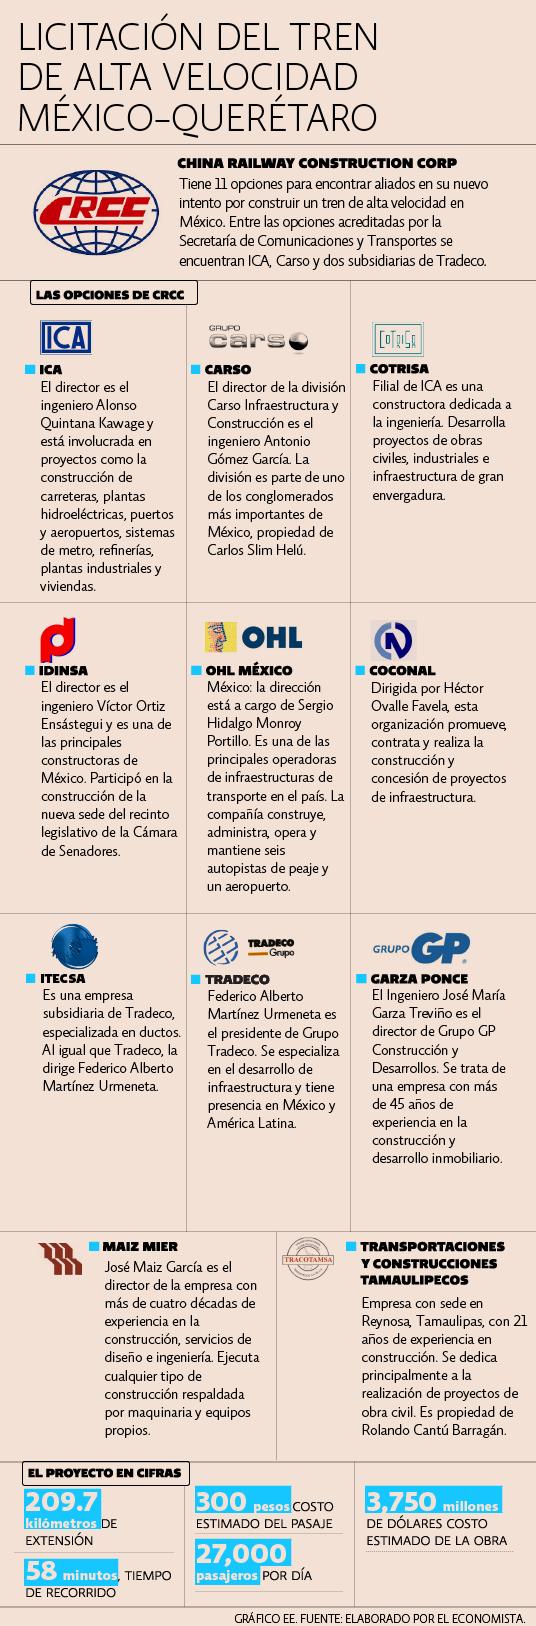 Licitación del tren de alta velocidad México-Queretaro